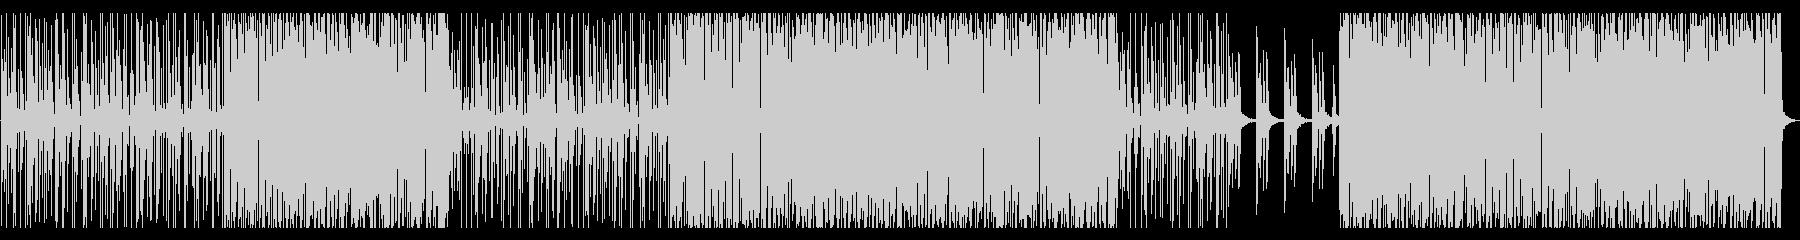 ポンポコとコミカルな雰囲気のBGMですの未再生の波形